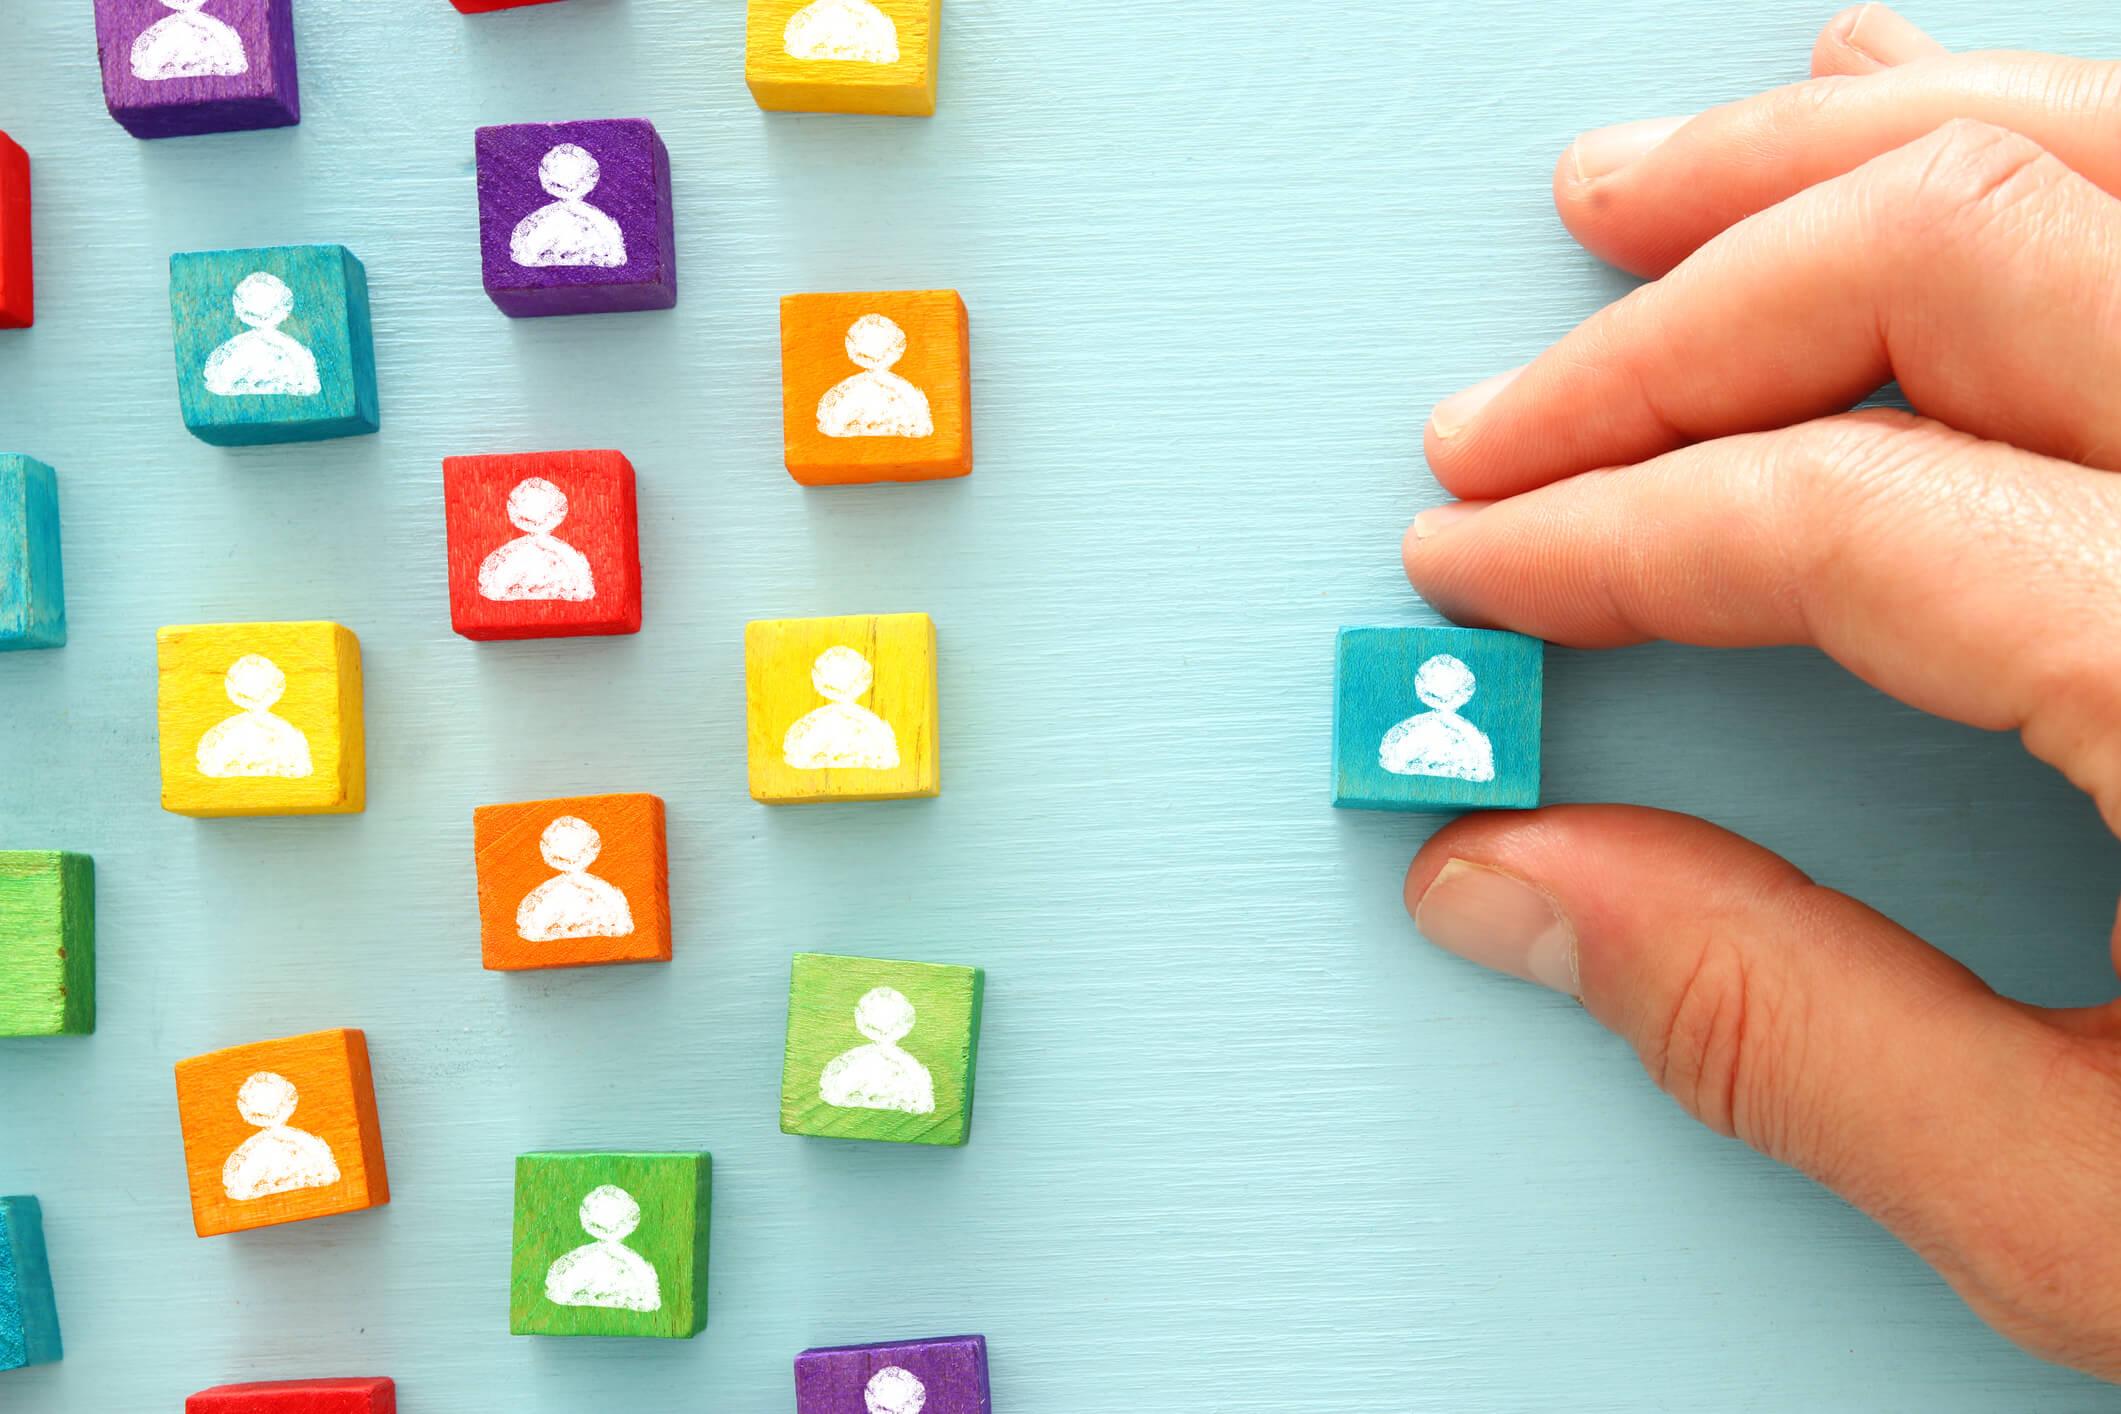 Como o processo de recrutamento pode influenciar na imagem da empresa